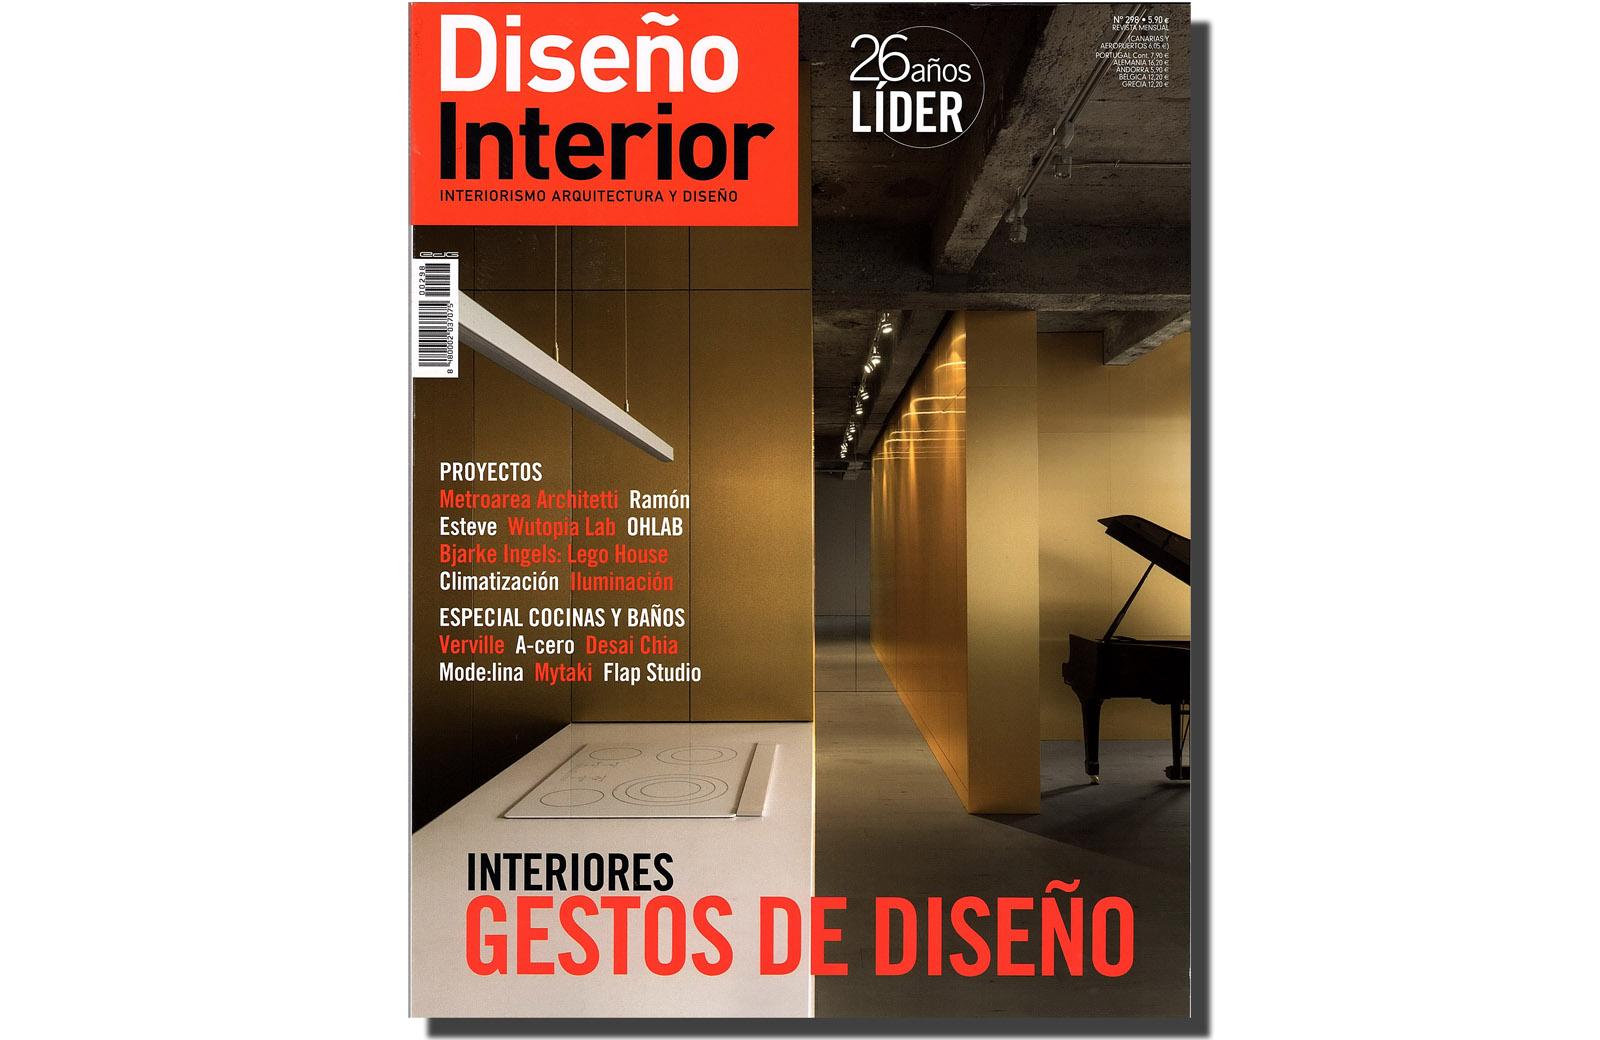 diseno-interior_miami-concept-store_portada